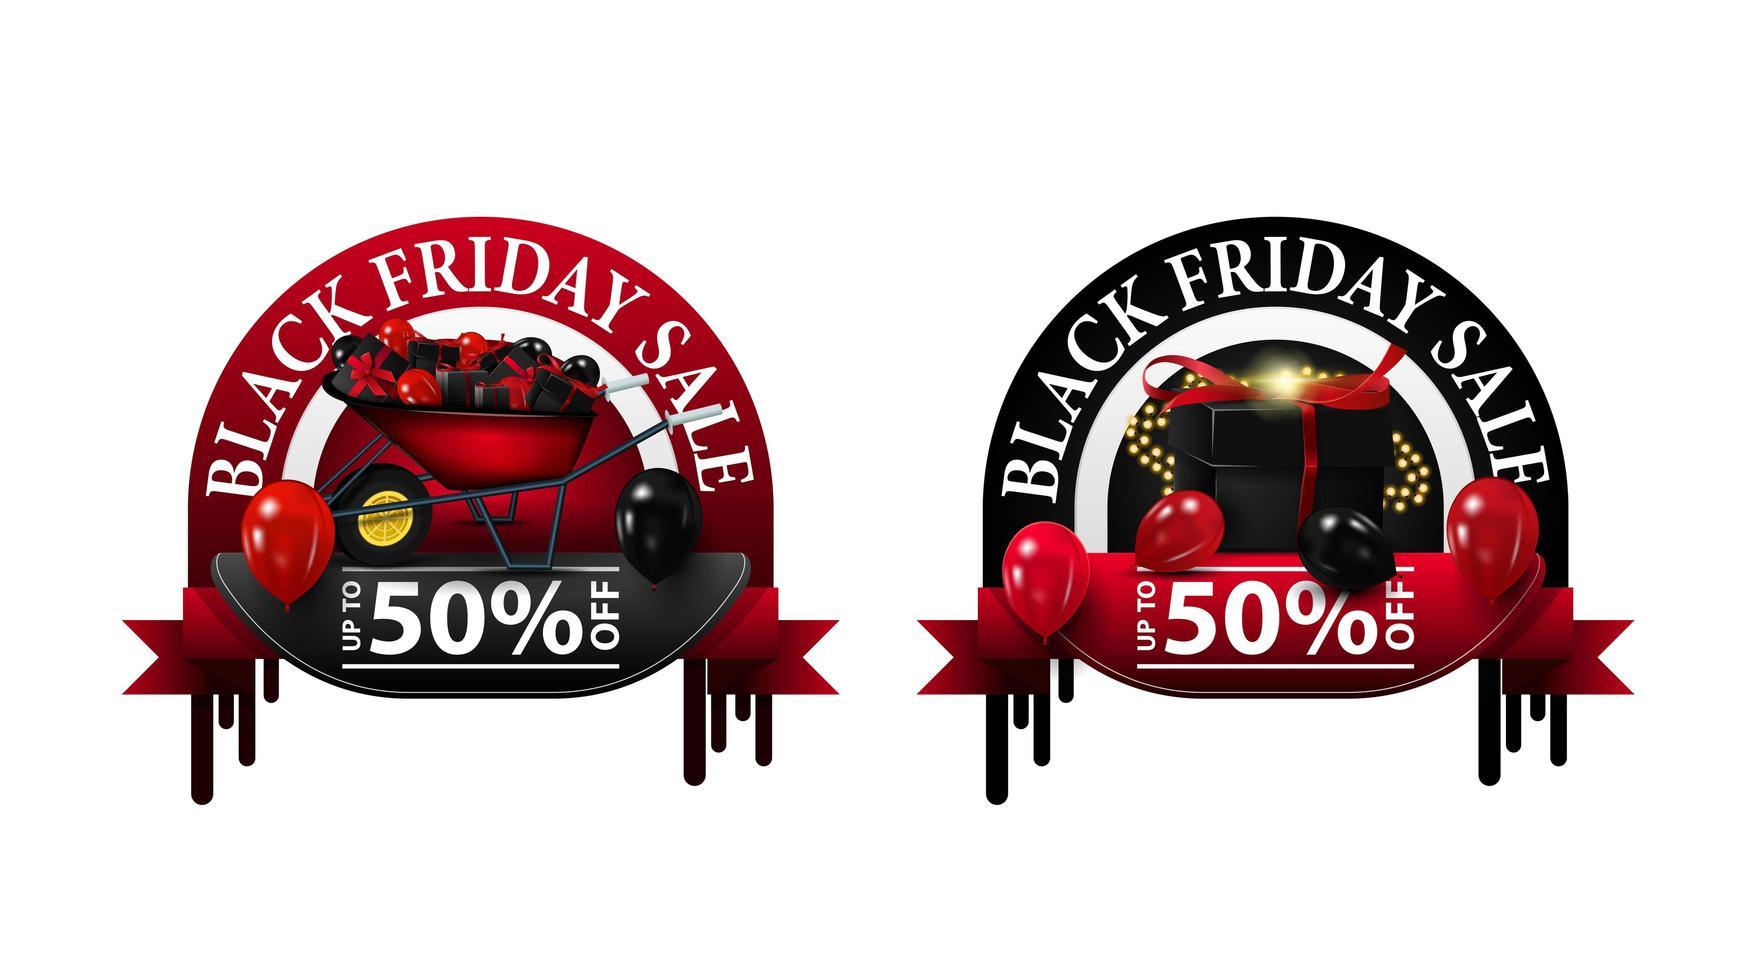 venta de viernes negro, hasta 50 cupones vector